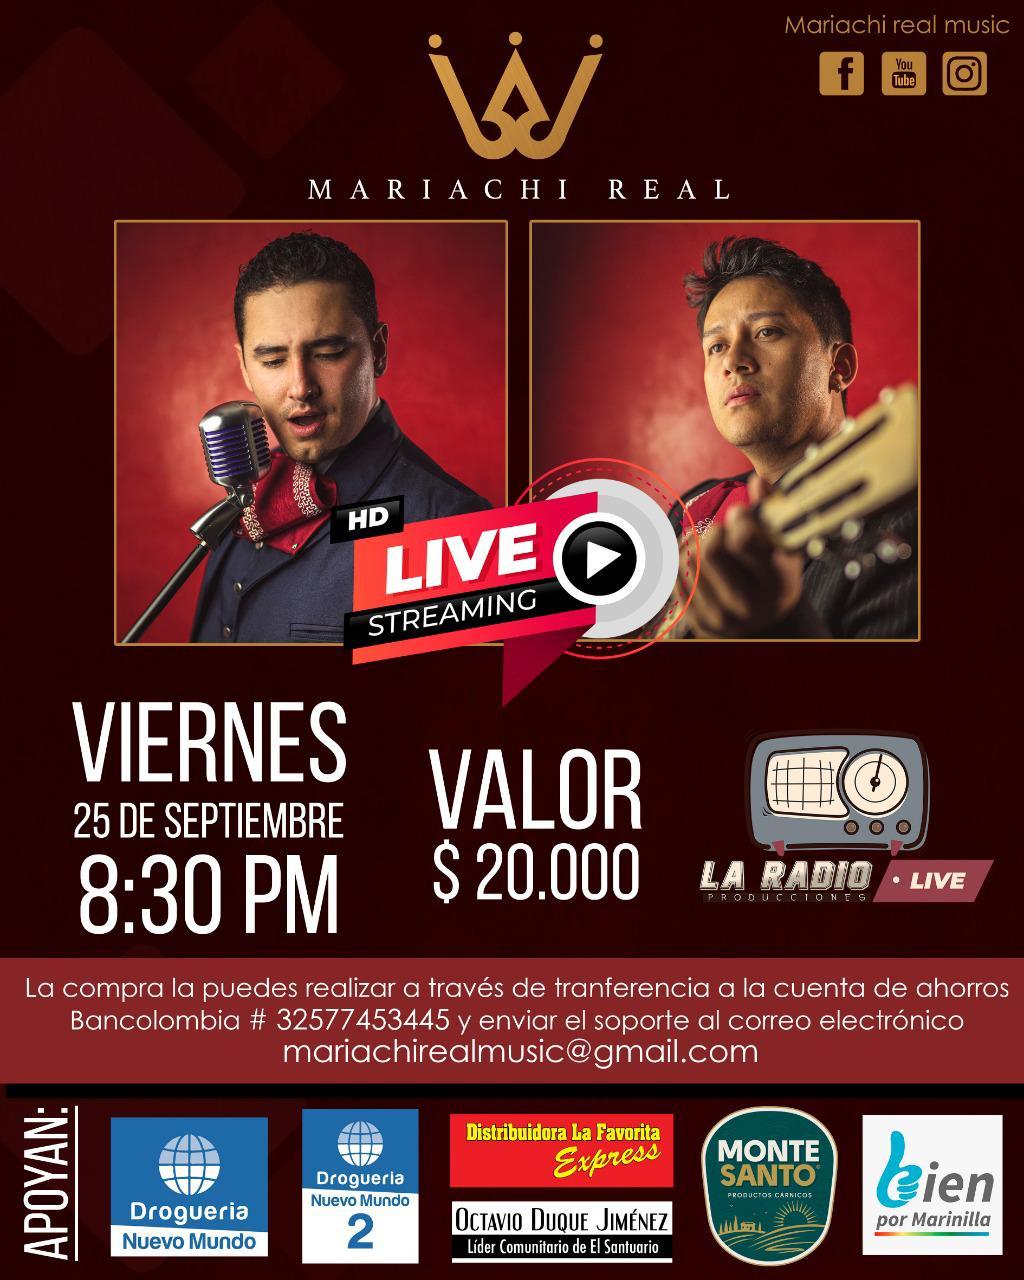 mariachi-real